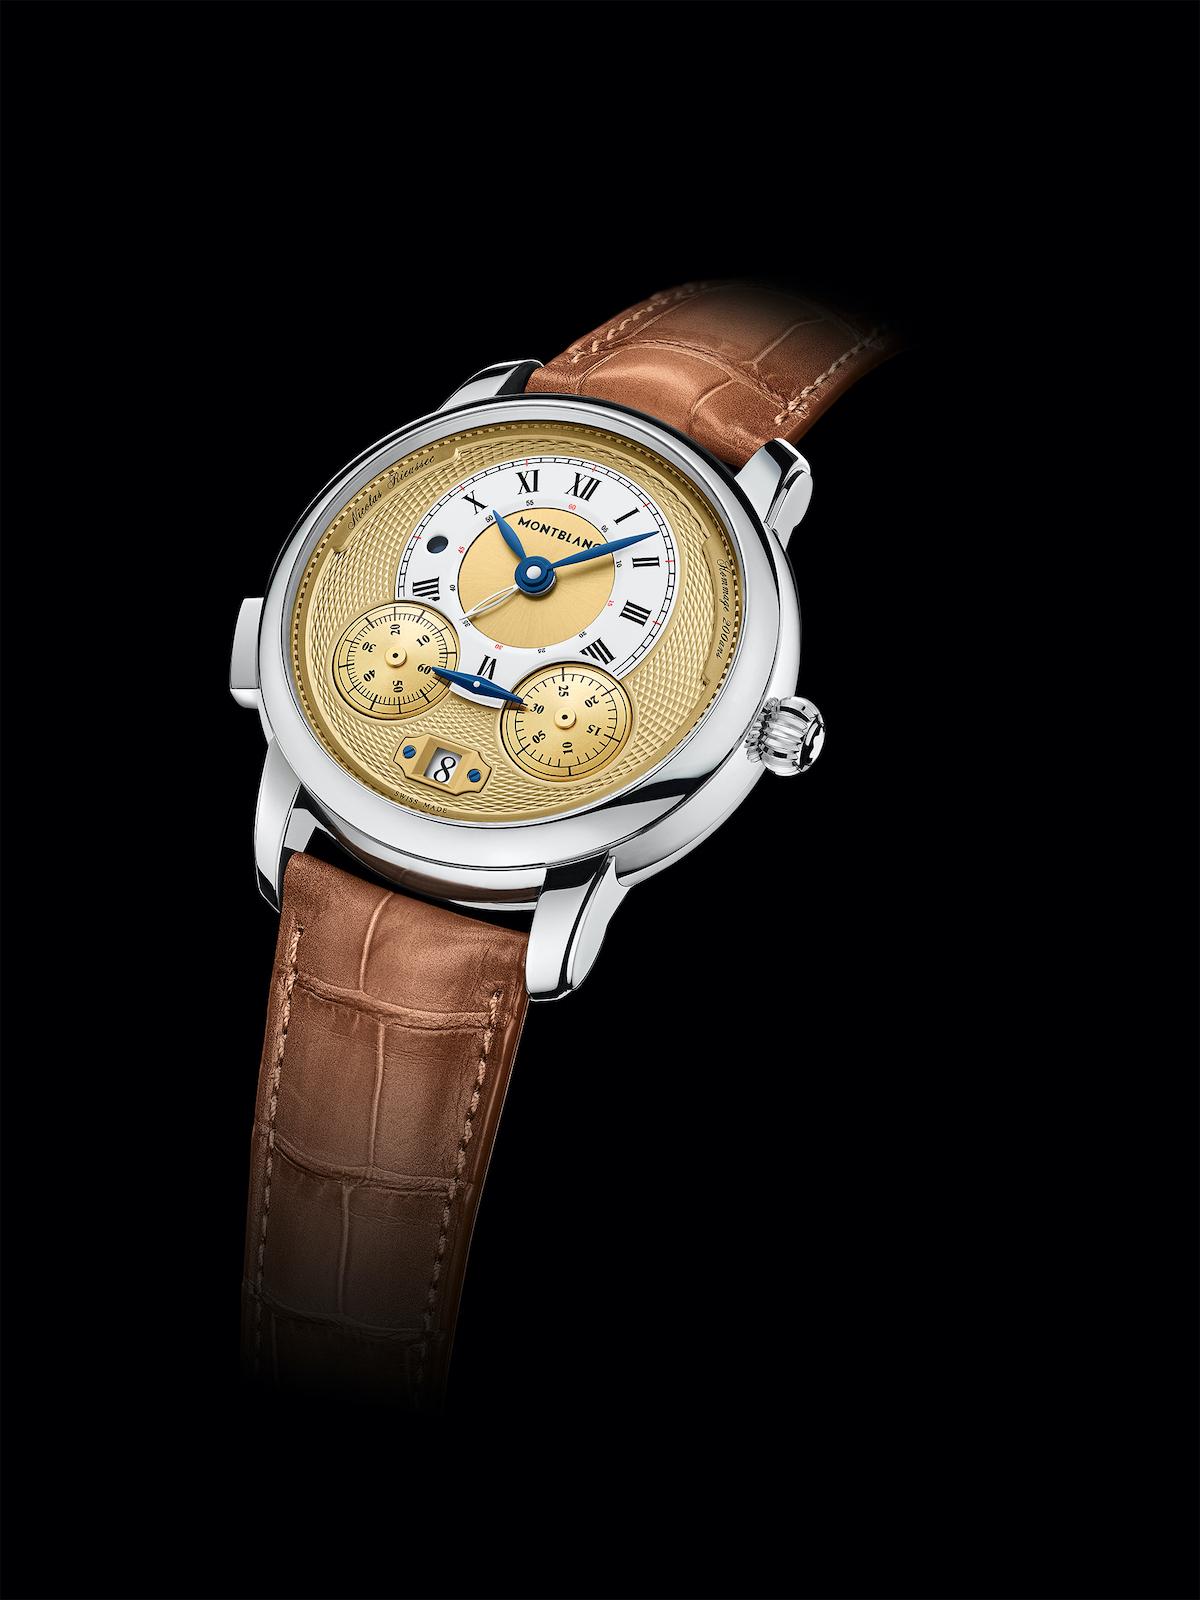 Montblanc Star Legacy Nicolas Rieussec Chronograph LE 200 (1)